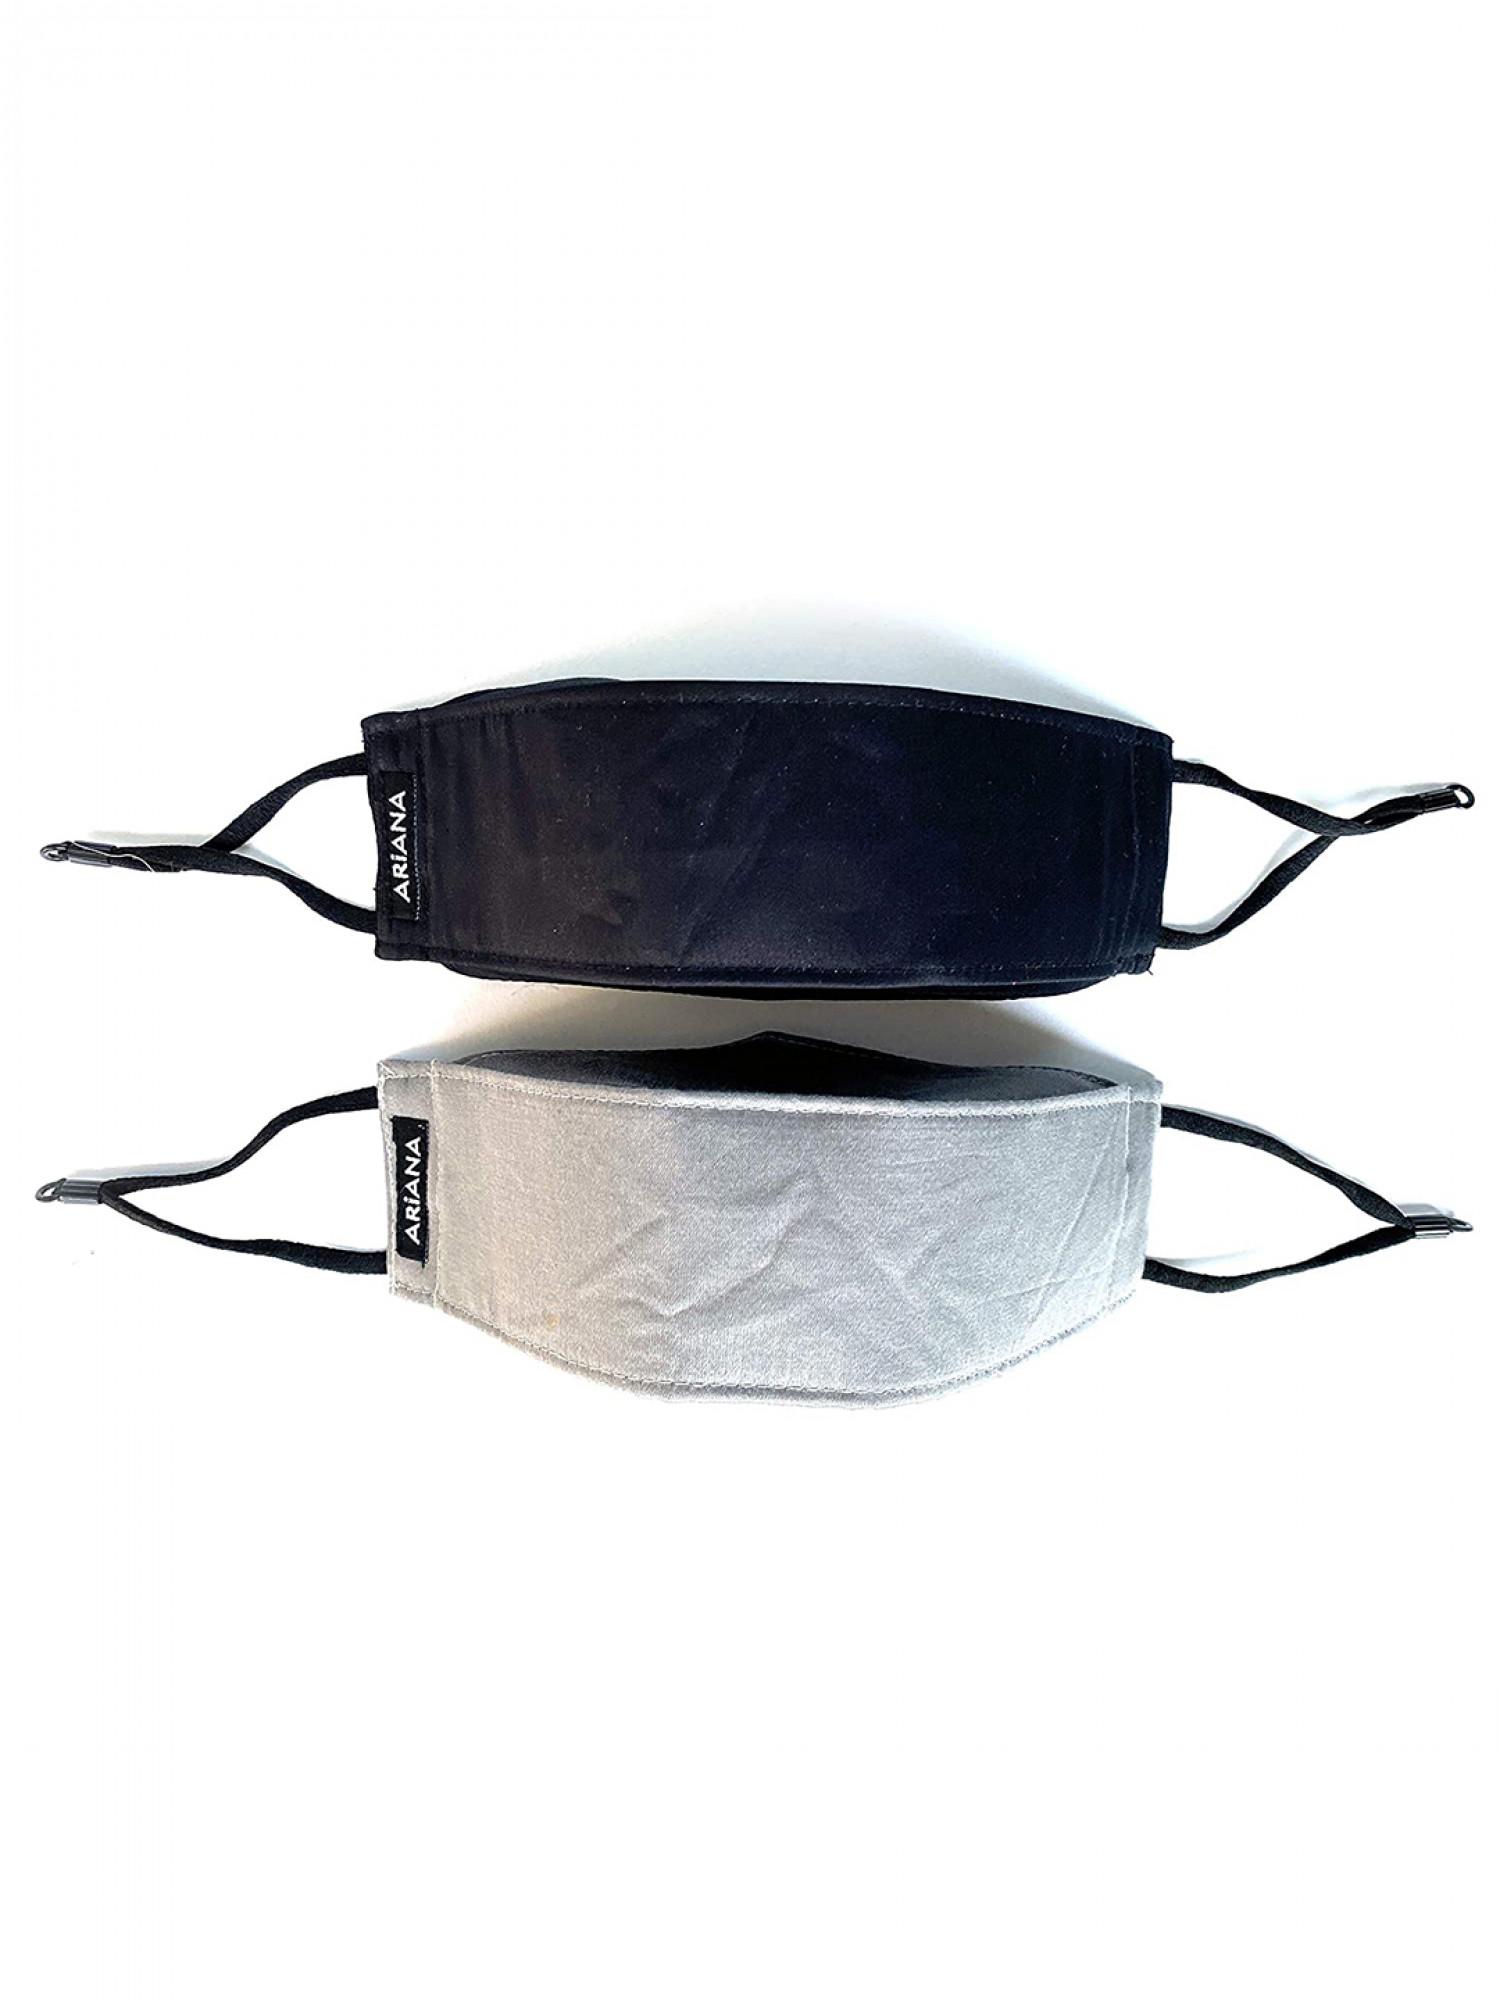 3D Black & Grey - 7 Layer Mask 99% Safe